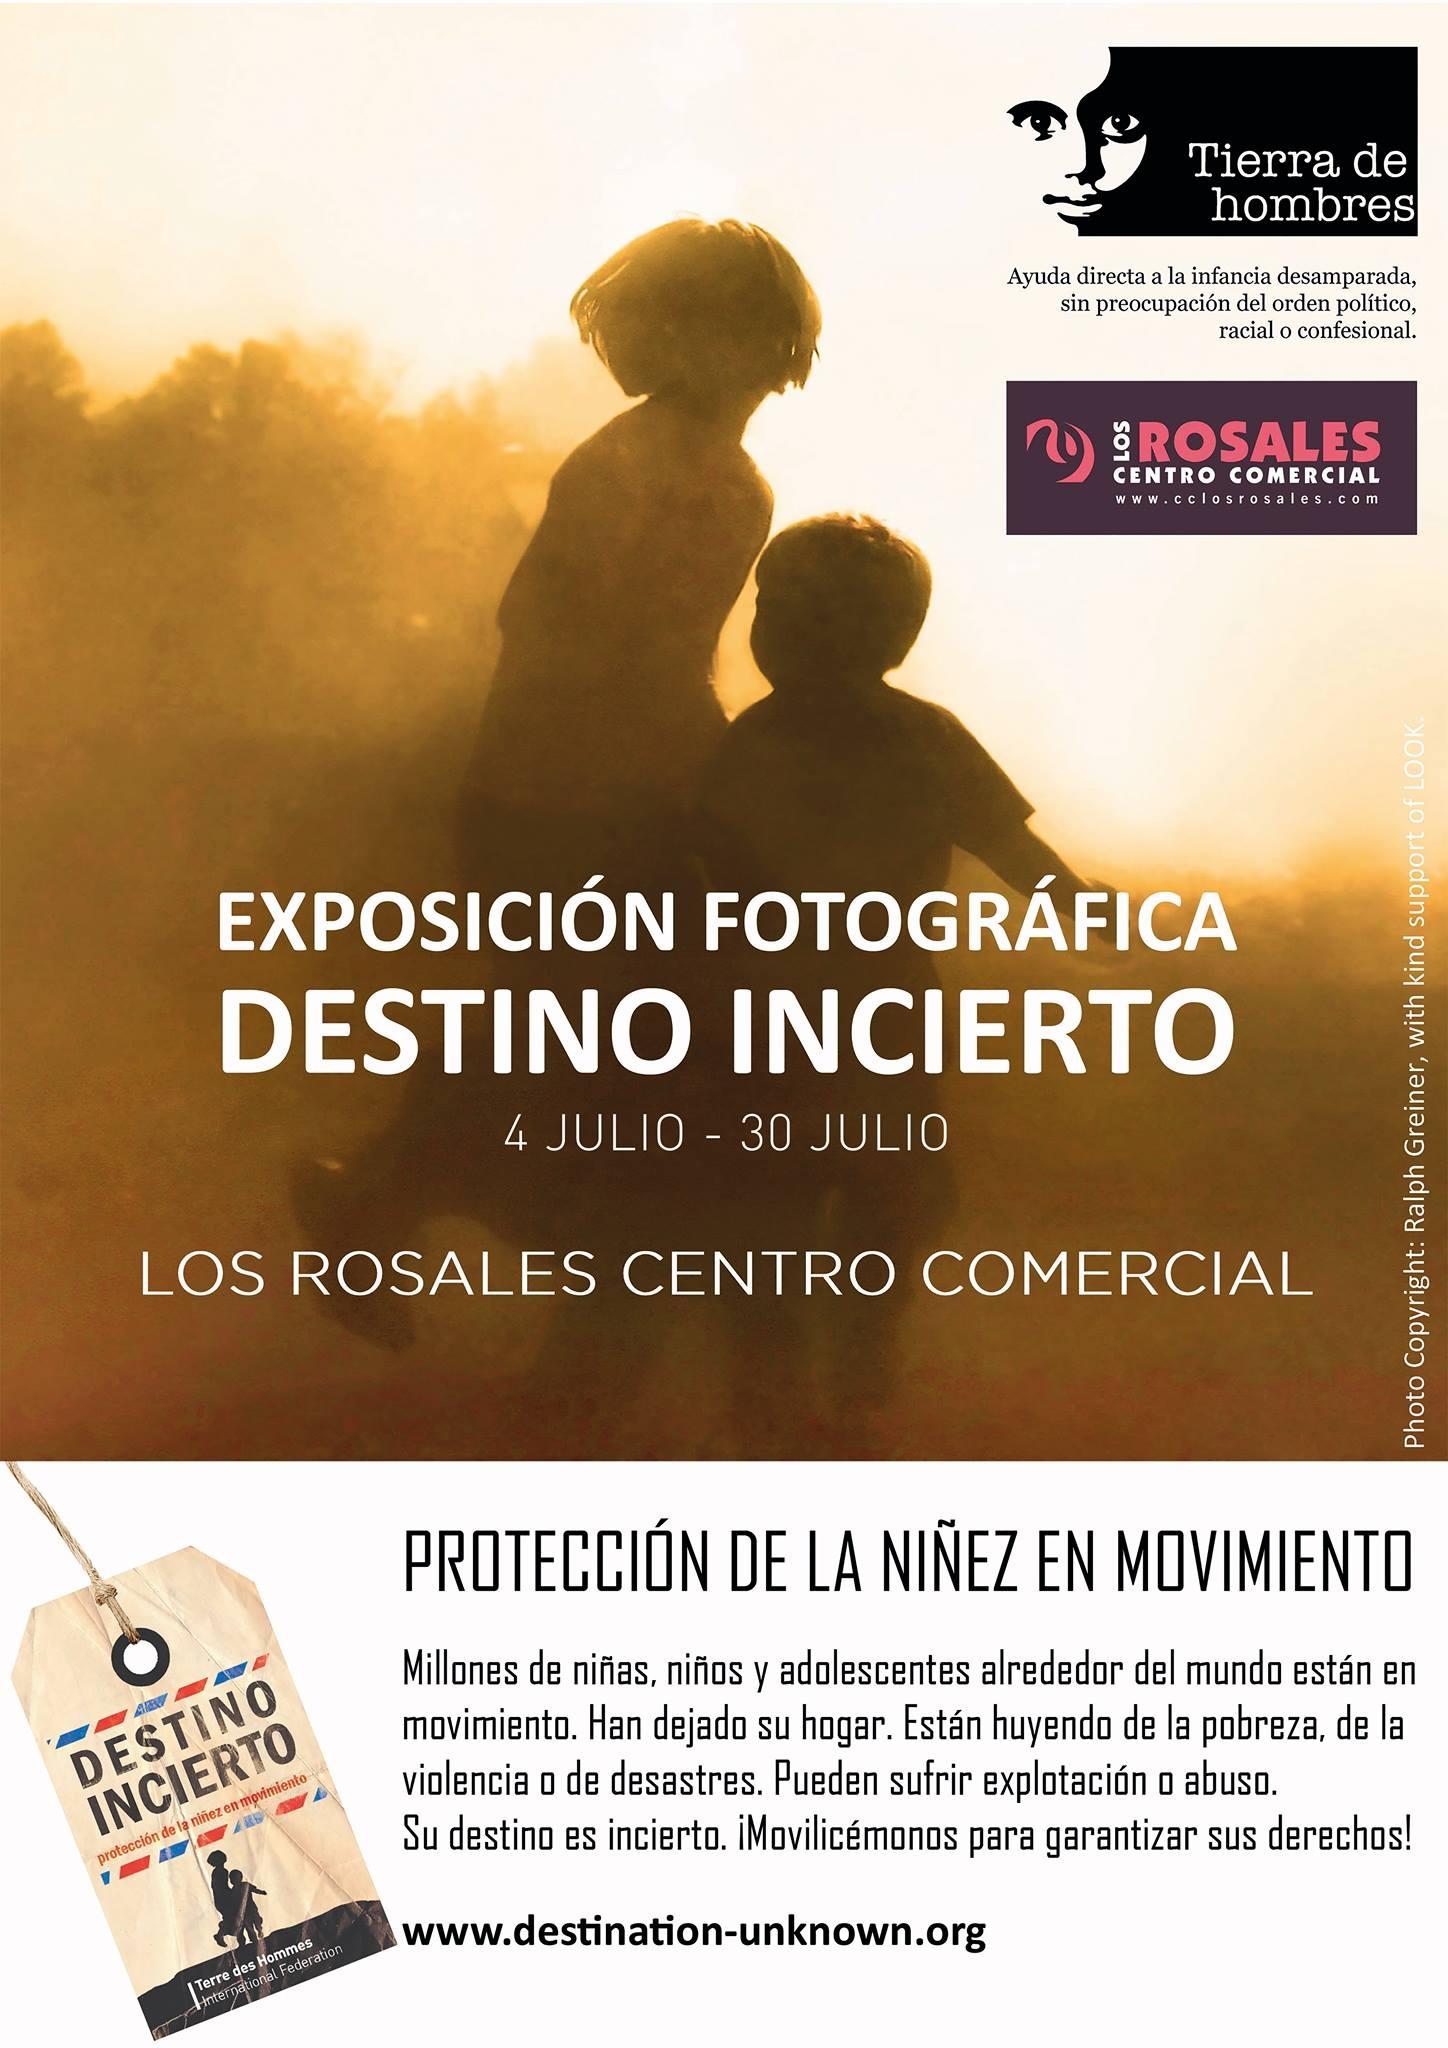 Ven a visitar la exposición «Destino incierto» en el Centro Comercial Los Rosales de A Coruña